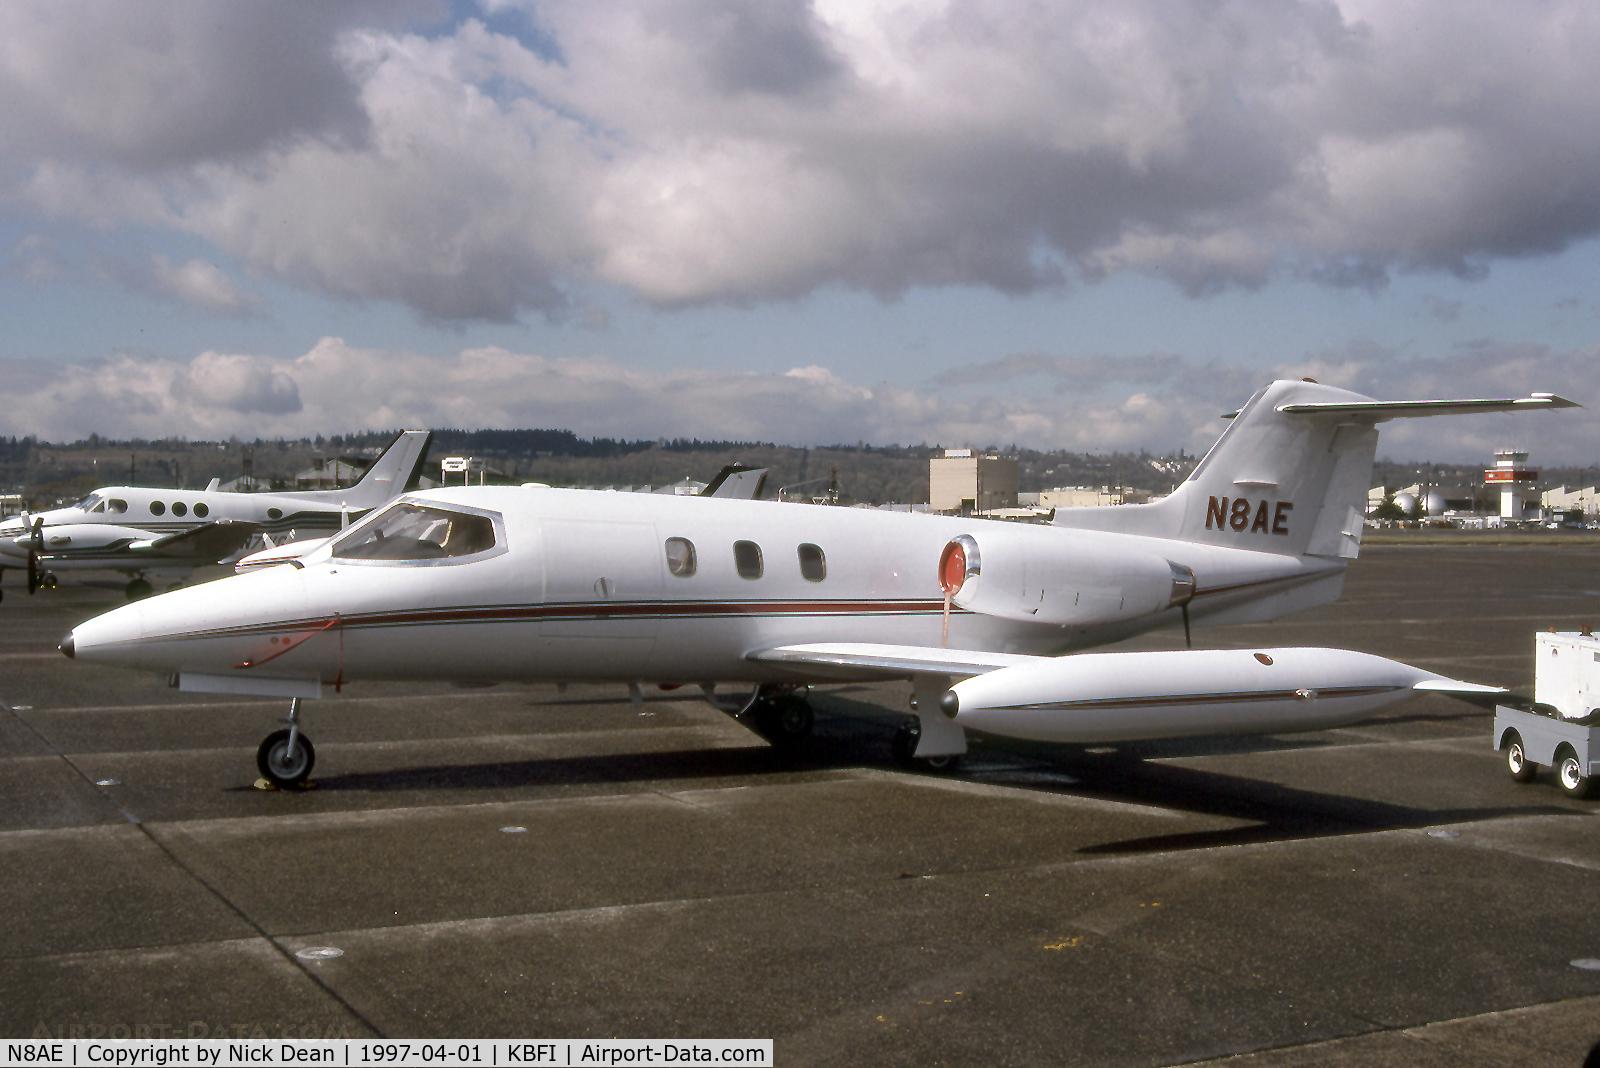 N8AE, 1976 Learjet 24E C/N 24E-335, KBFI